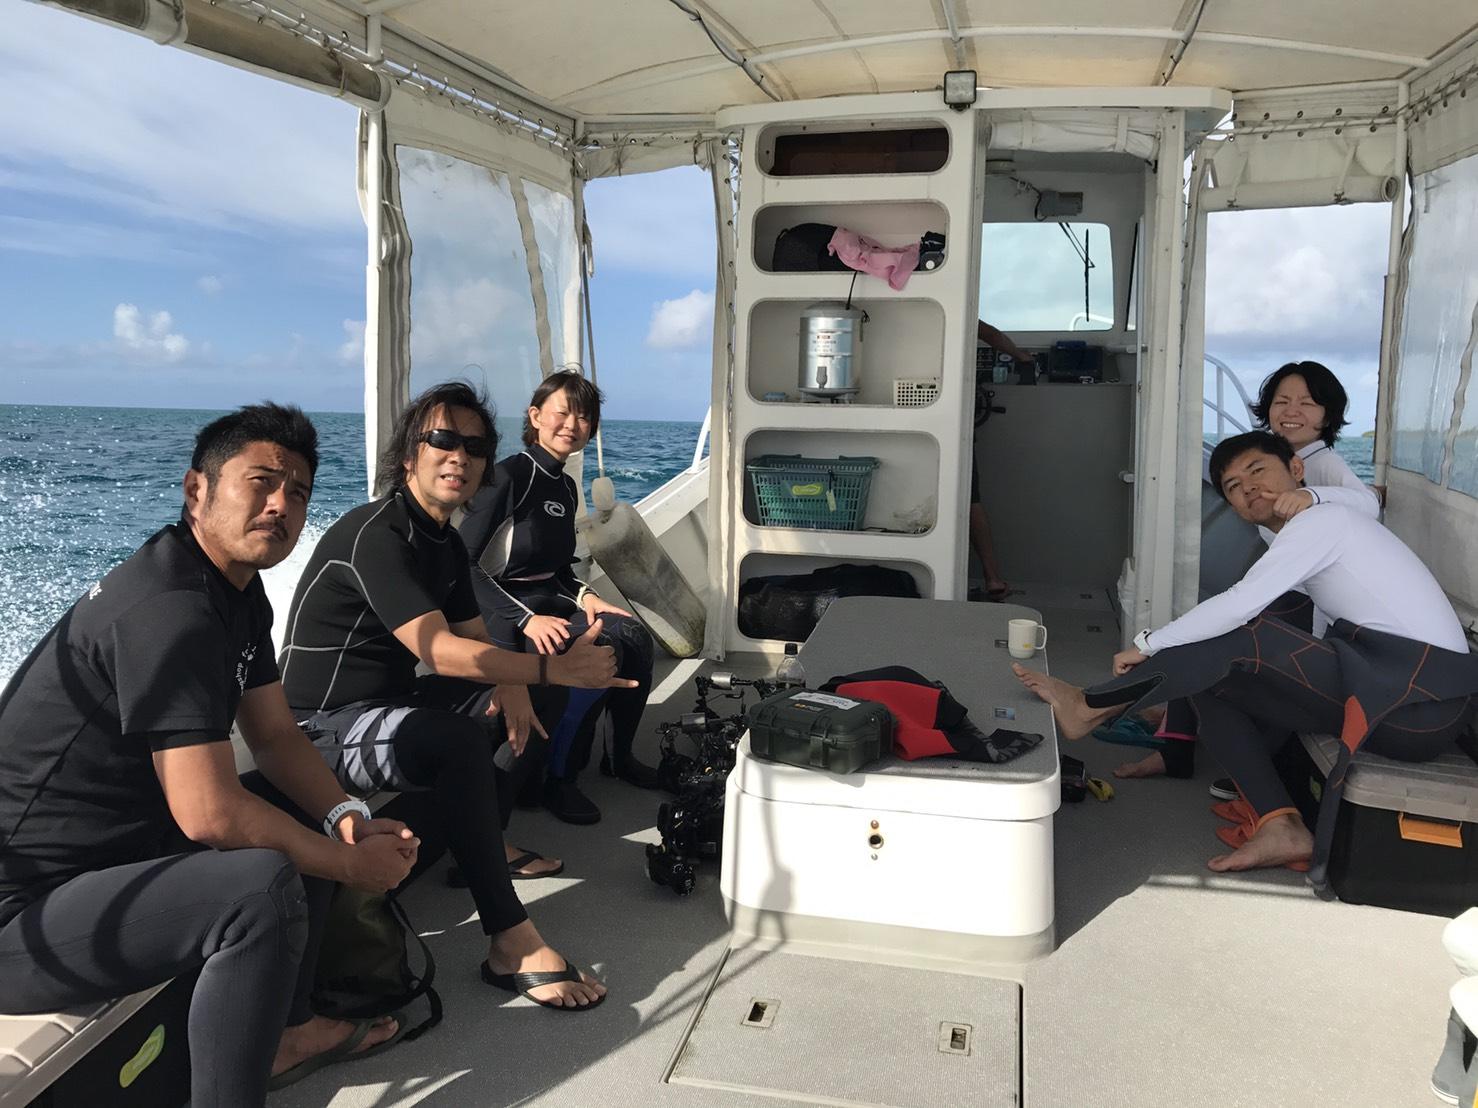 またまた 石垣島に行って来ました~  初日のご報告  静岡のスキューバダイビングショップフリースタイルです。